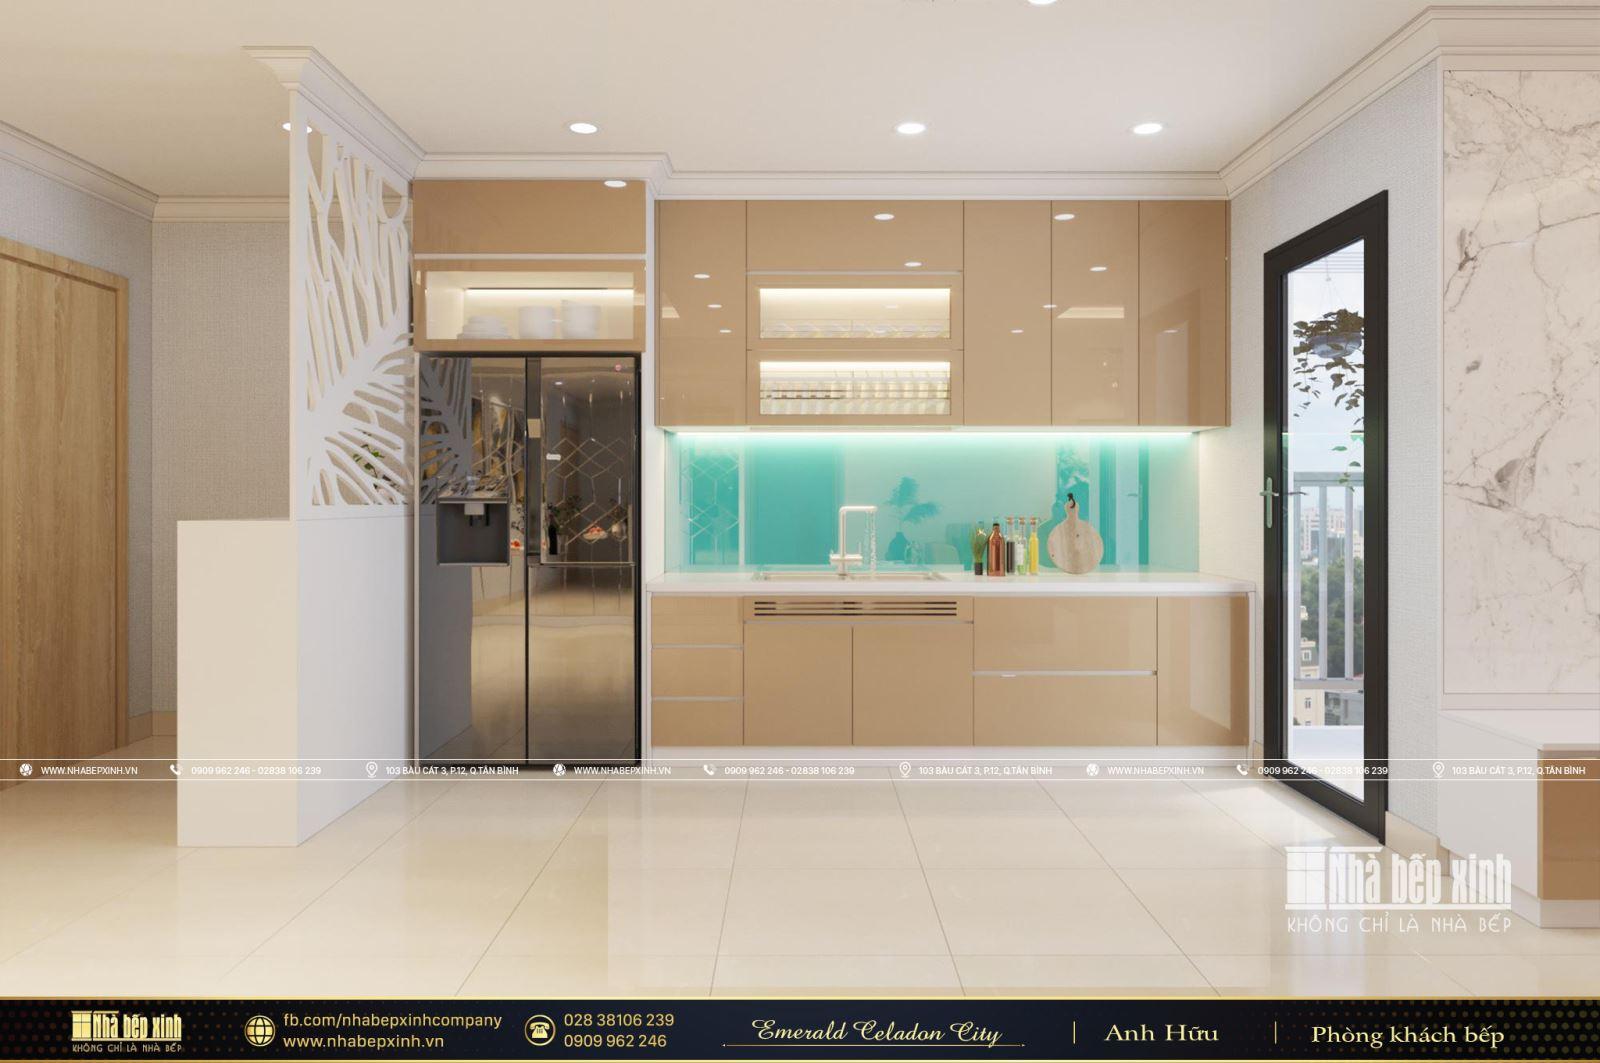 Nội thất phòng khách bếp hiện đại căn Vẻ đẹp cuốn hút từ mẫu thiết kế nội thất hiện đại căn Emerald Celadon City 104m2Celadon City 104m2